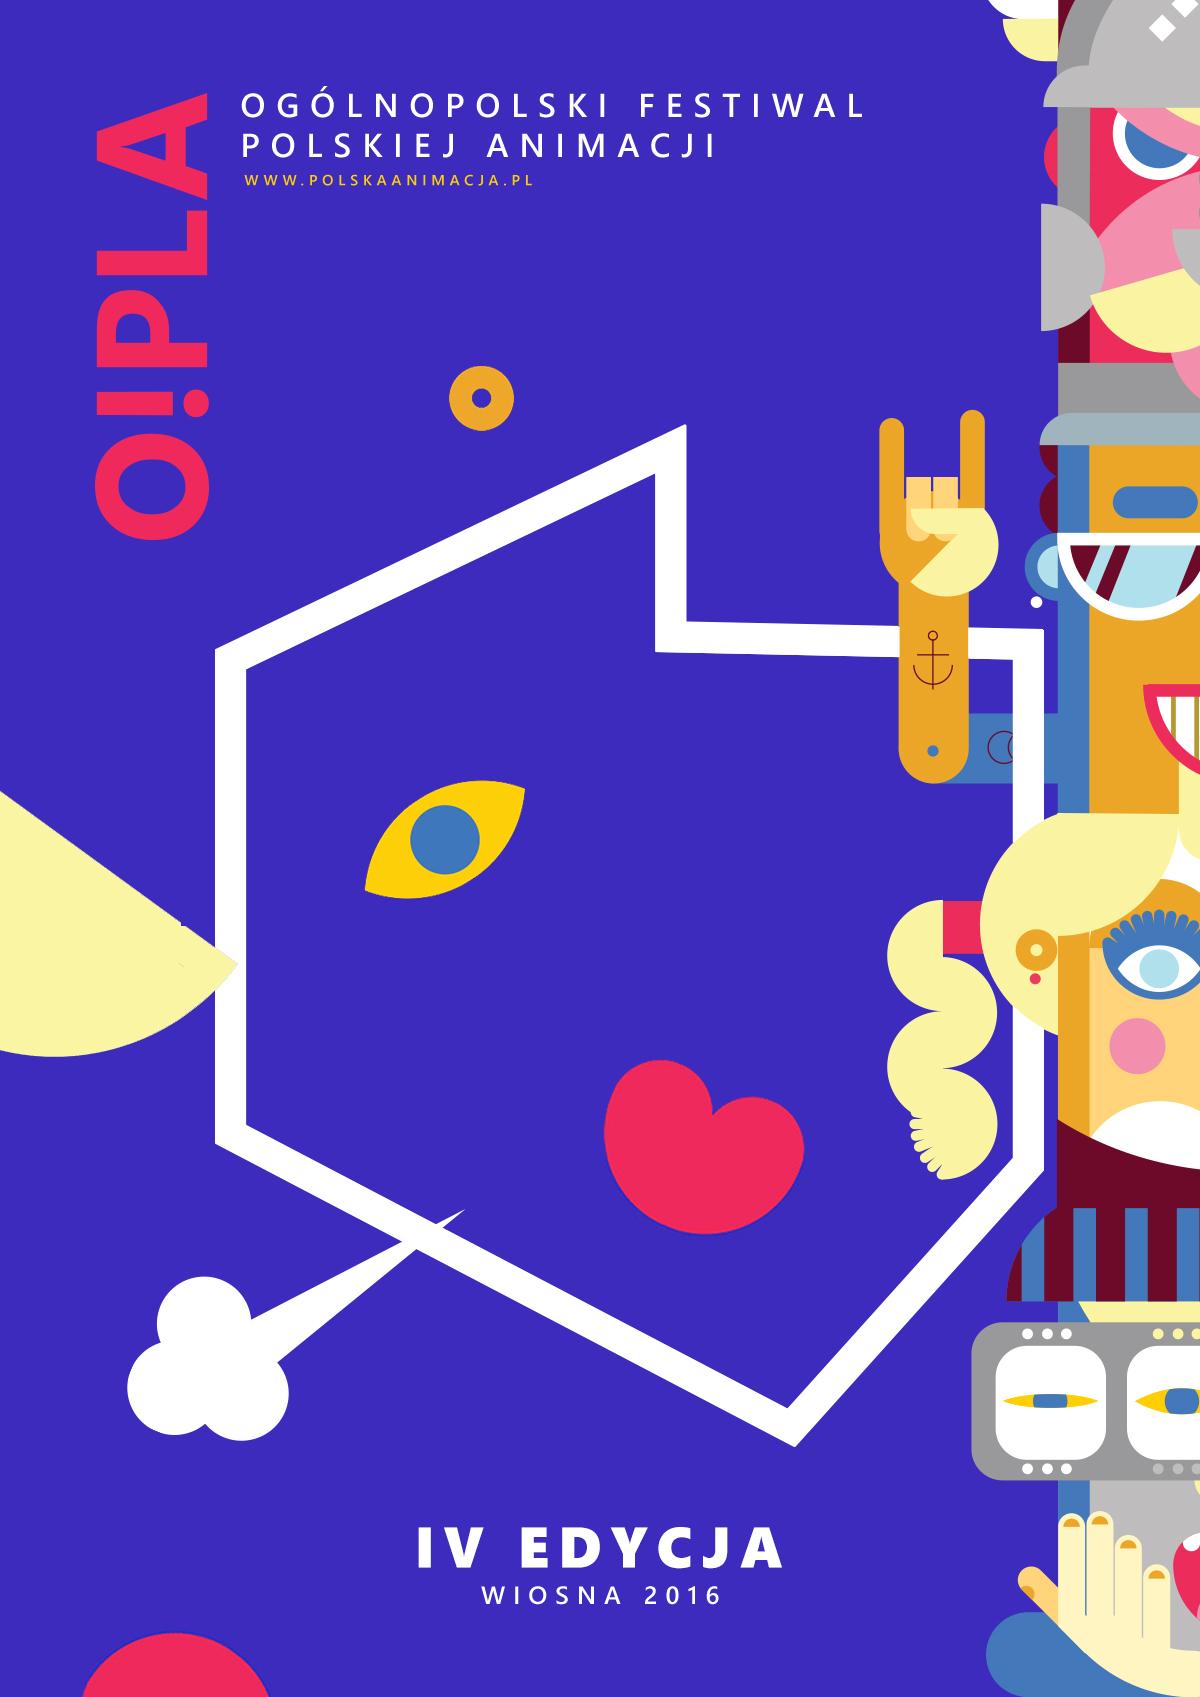 Ogólnopolski Festiwal Polskiej Animacji O!PLA 2016 – plakat (źródło: materiały prasowe organizatora)